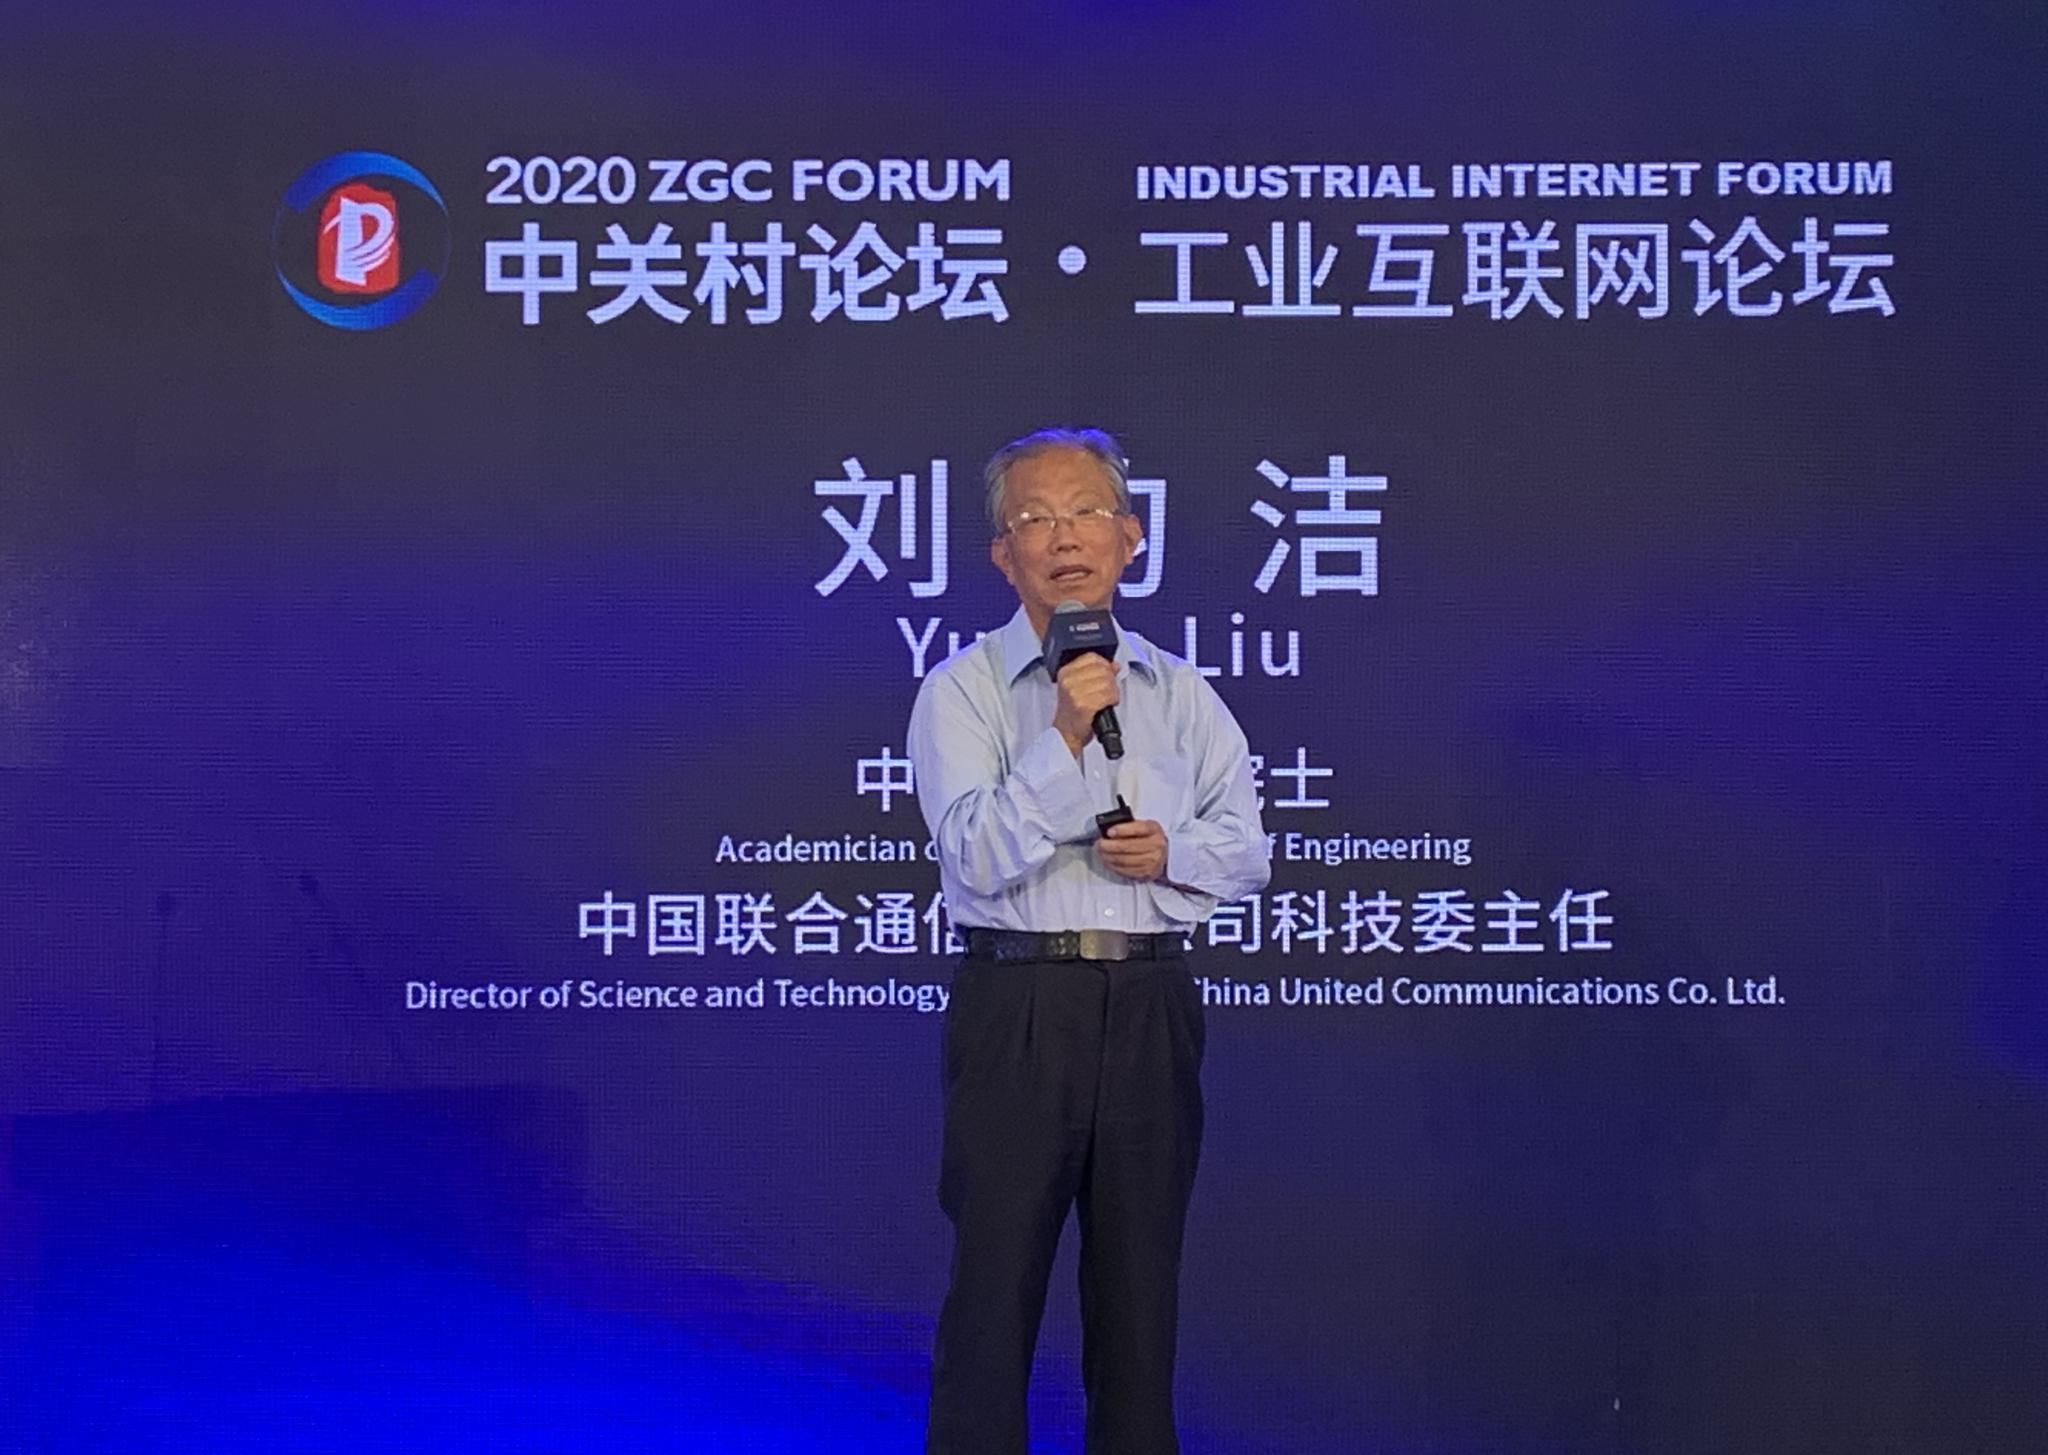 刘韵洁:互联网在消费领域获巨大成功,面向生产领域将遇巨大挑战图片